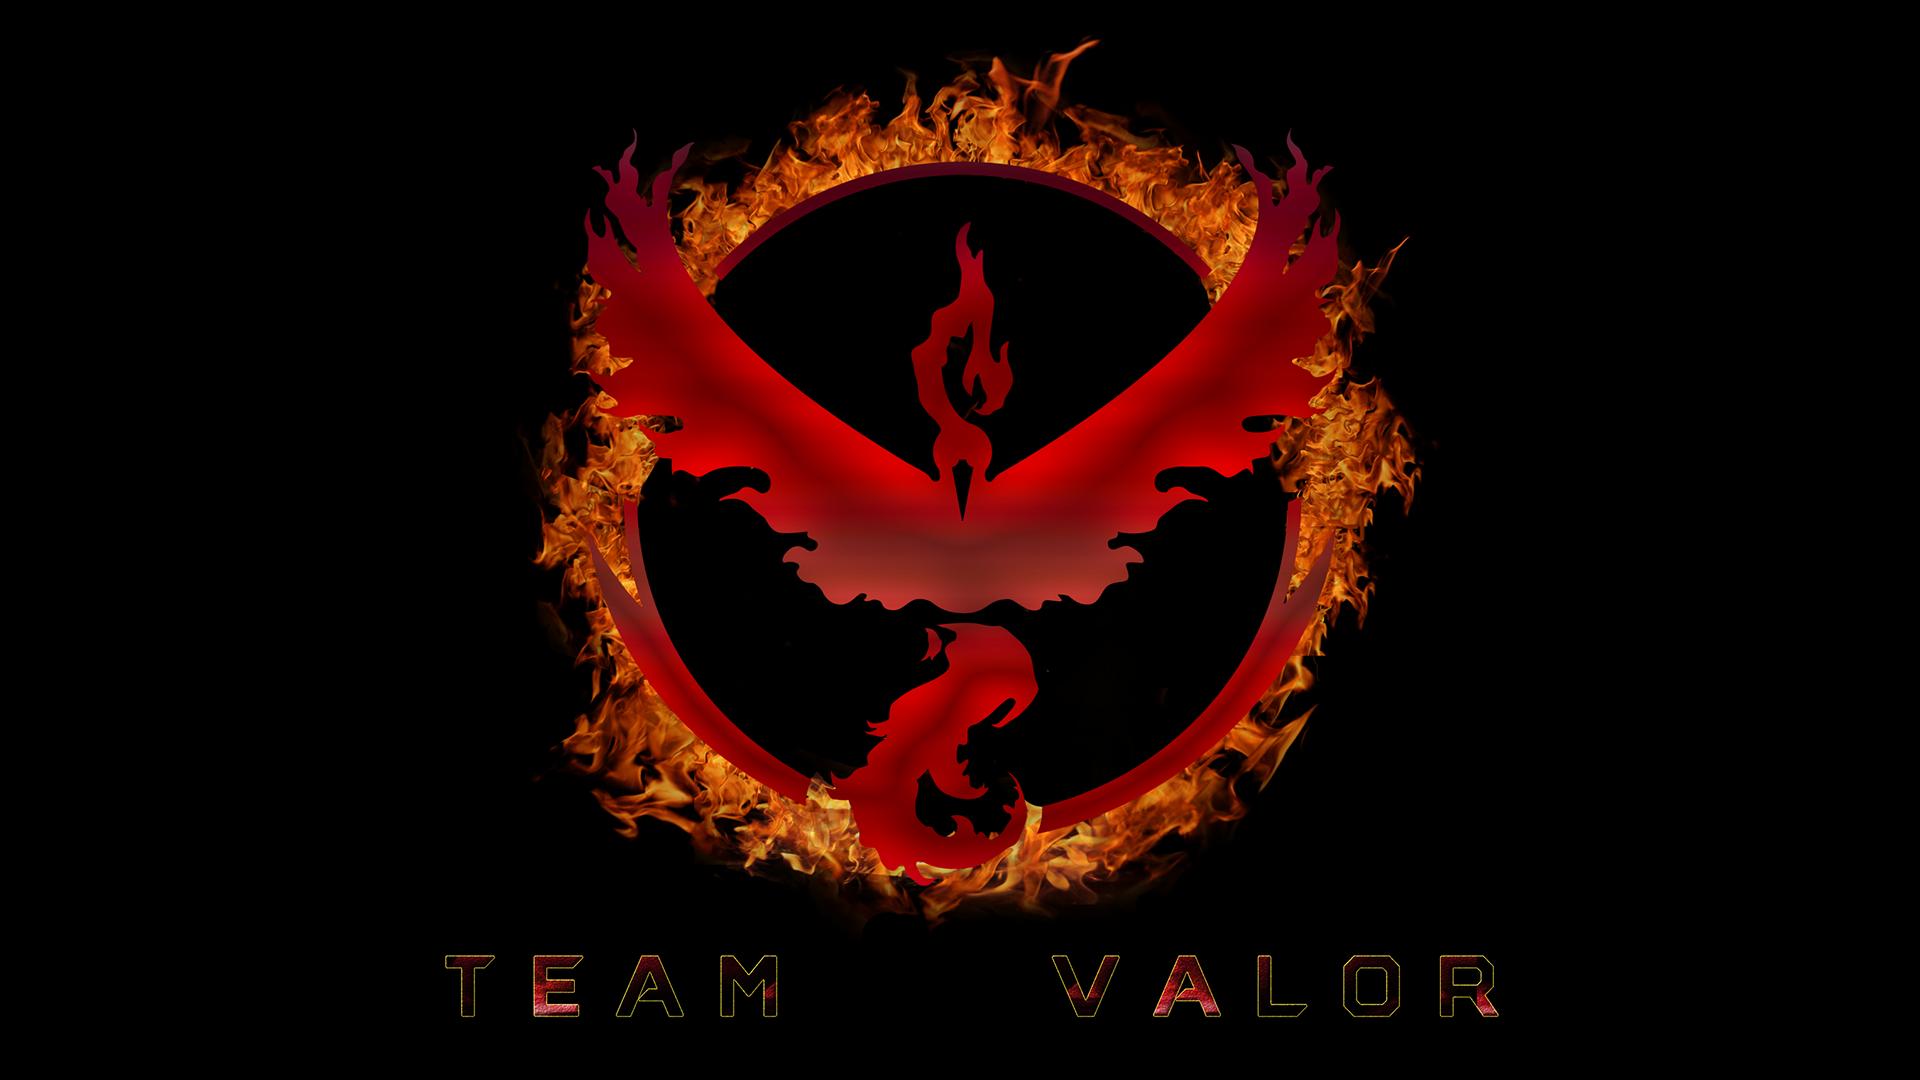 Team Valor Wallpaper by TranceBab3 on DeviantArt